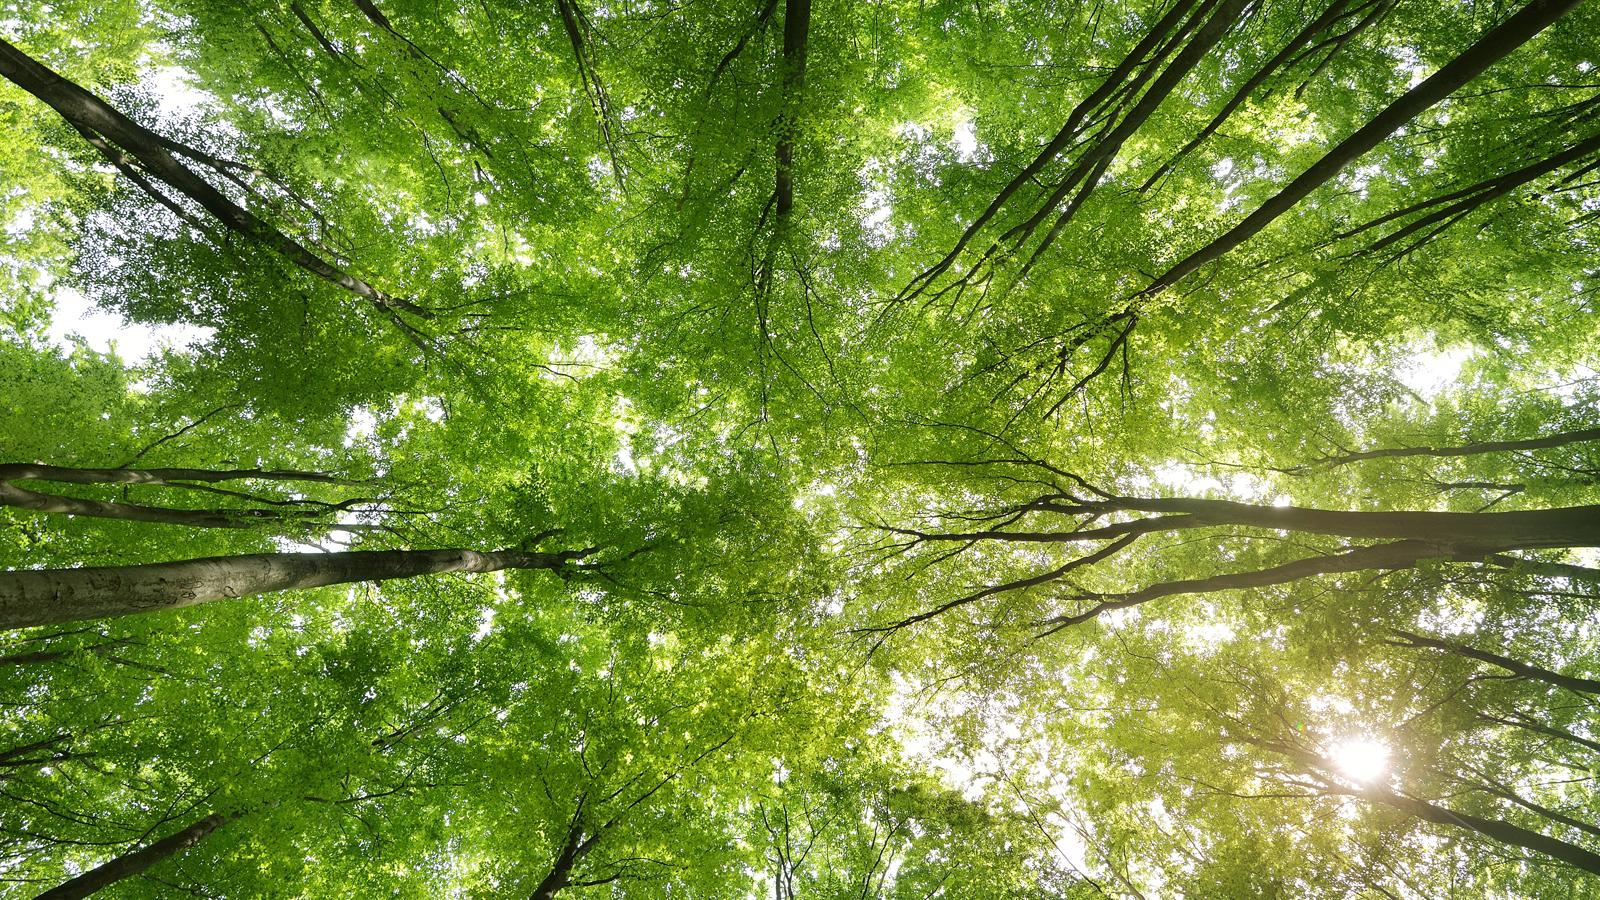 和然旅塾 身近な場所で 気軽に学び 自分を癒す。自分の人生を楽しむ学びと交流の場